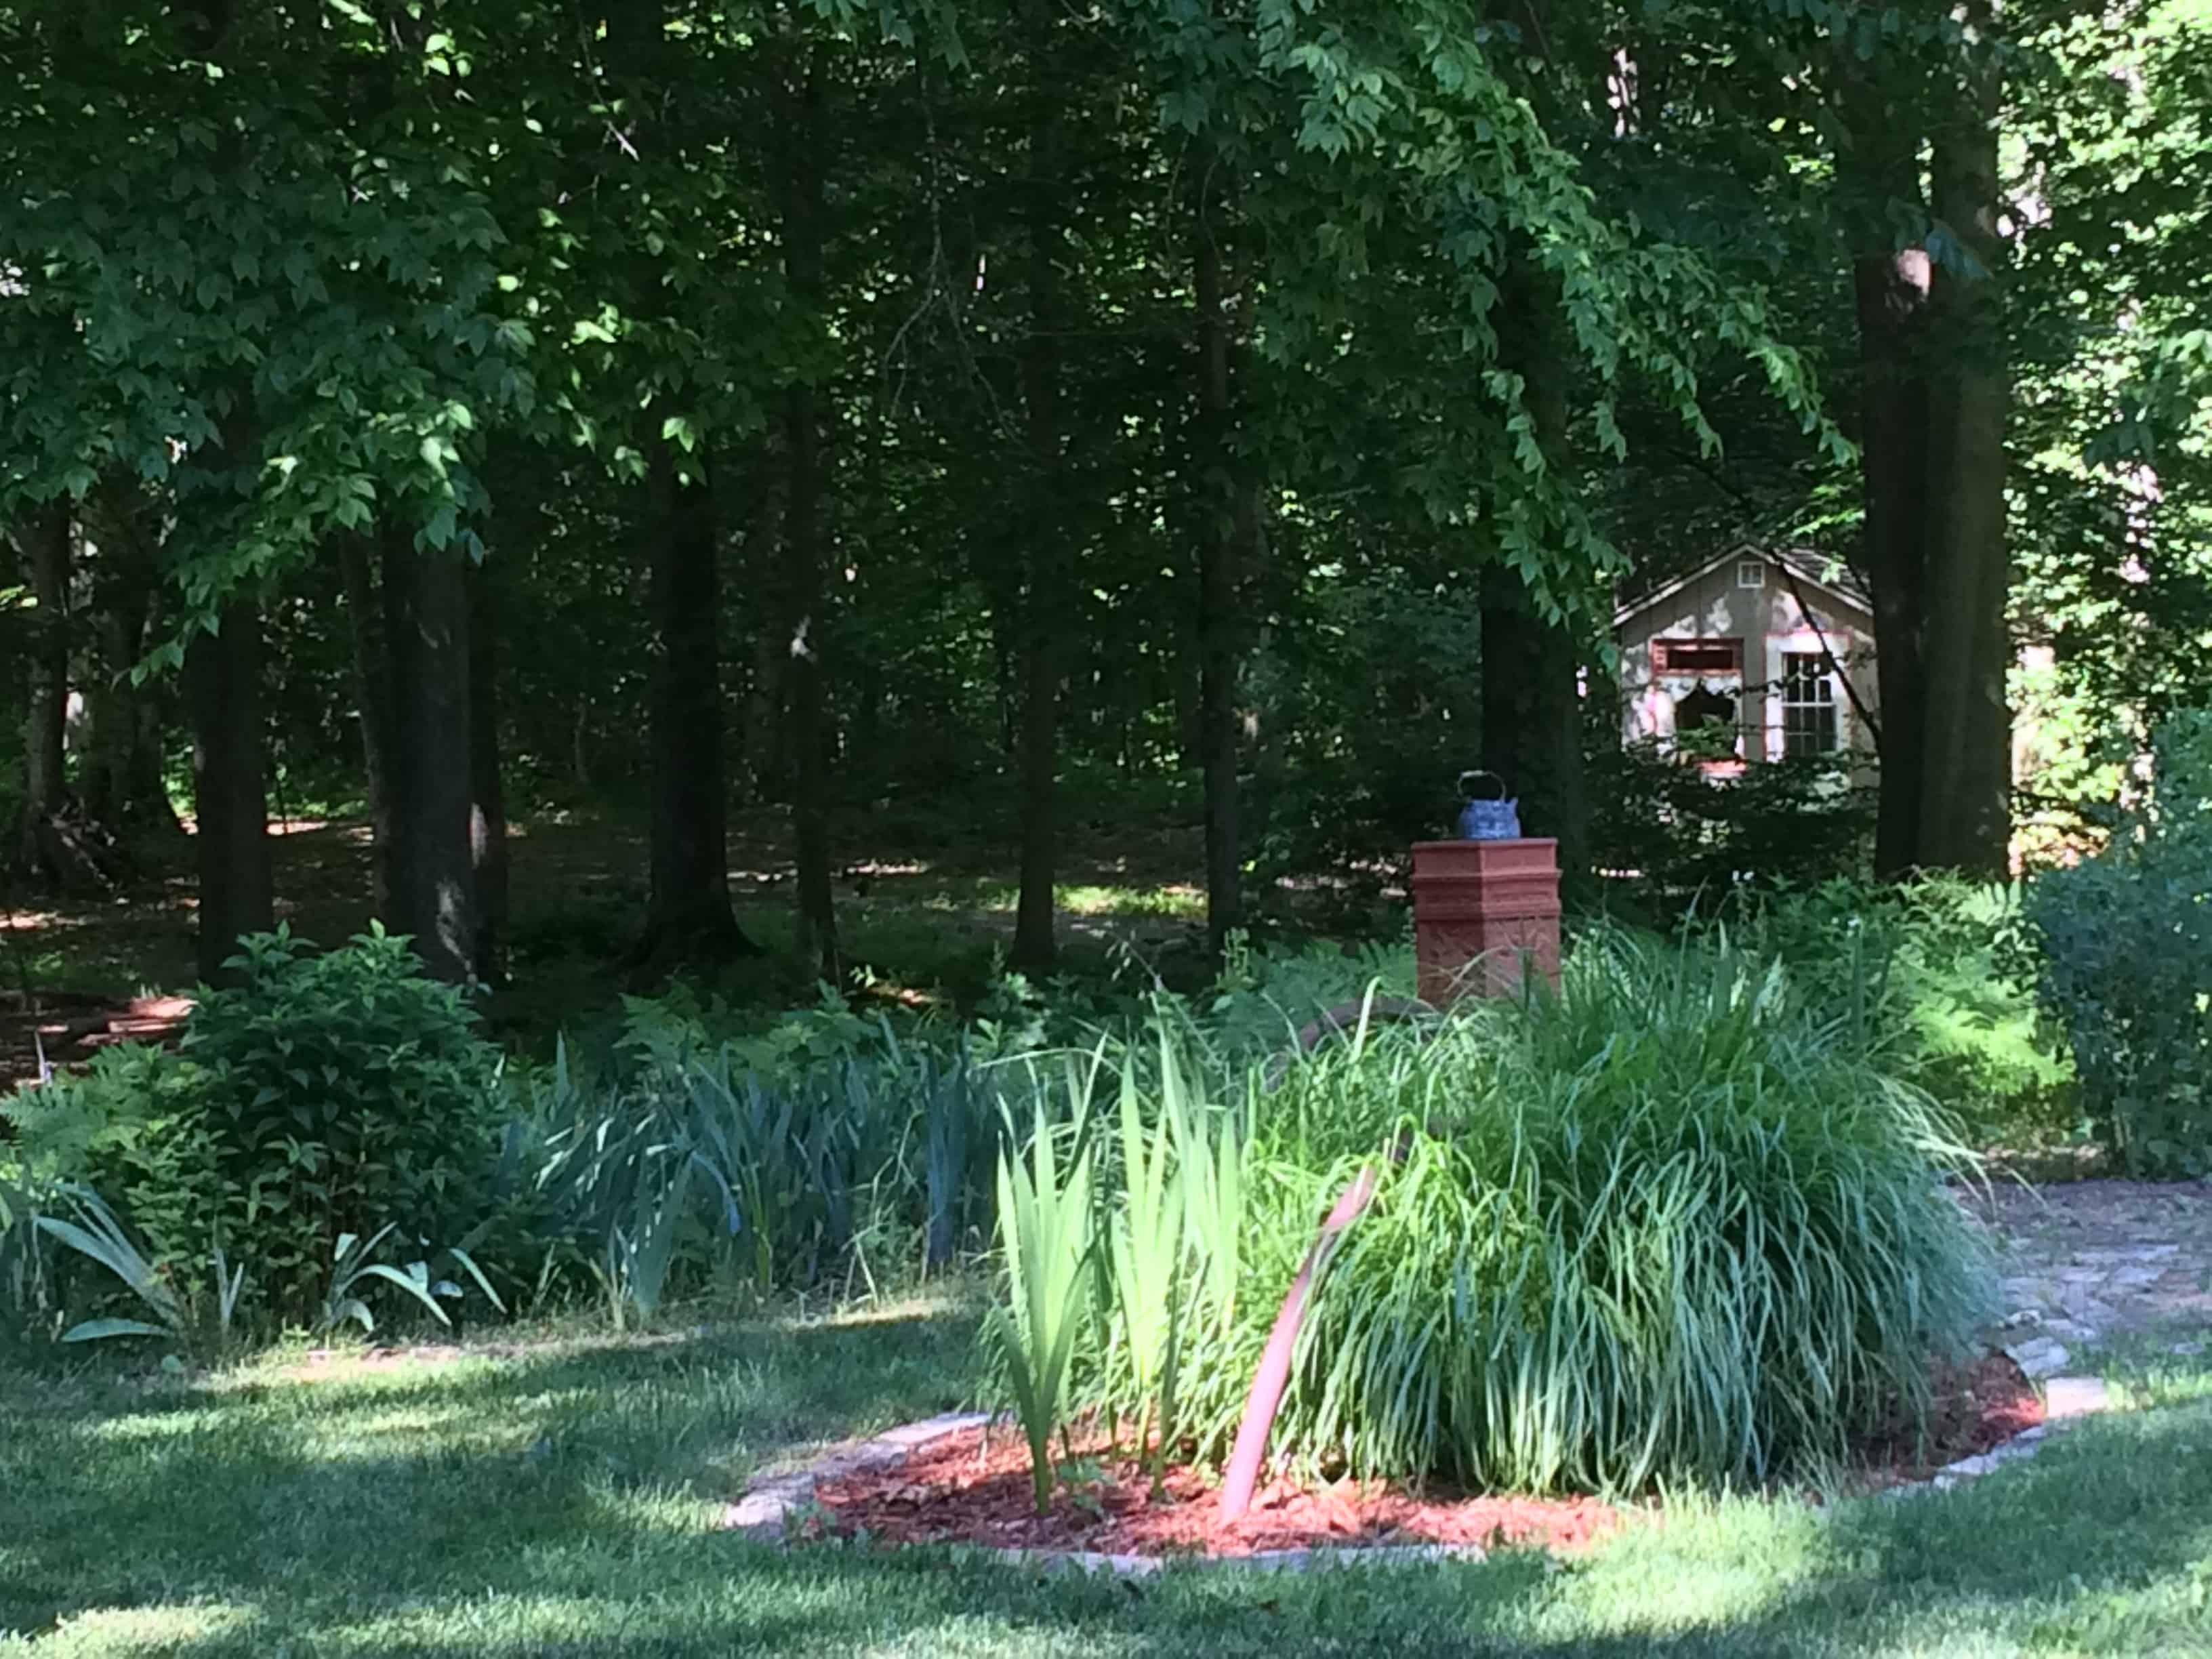 Garden with Artist's cabin